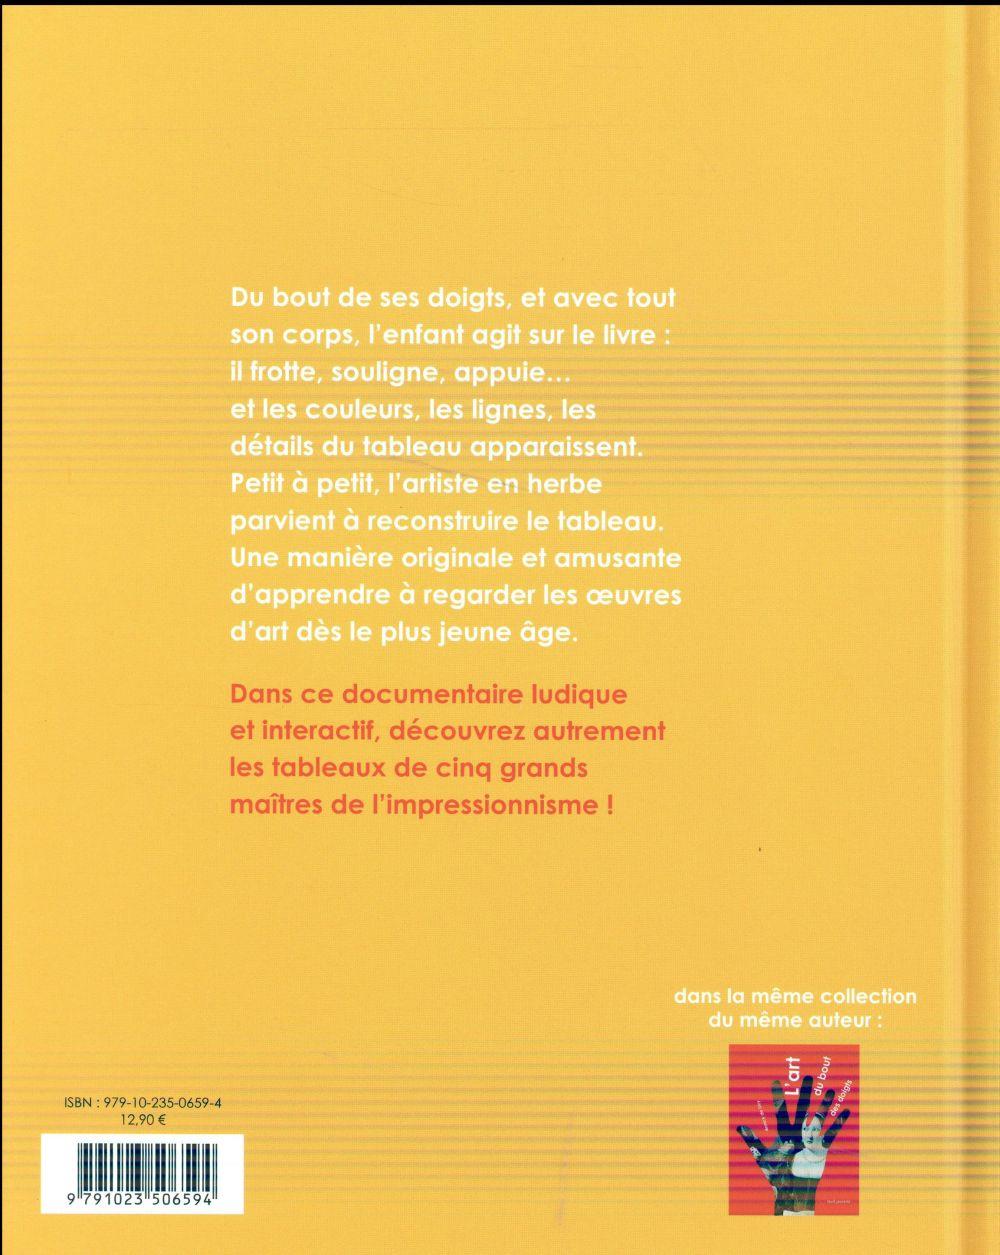 L'art du bout des doigts ; des impressions, des couleurs